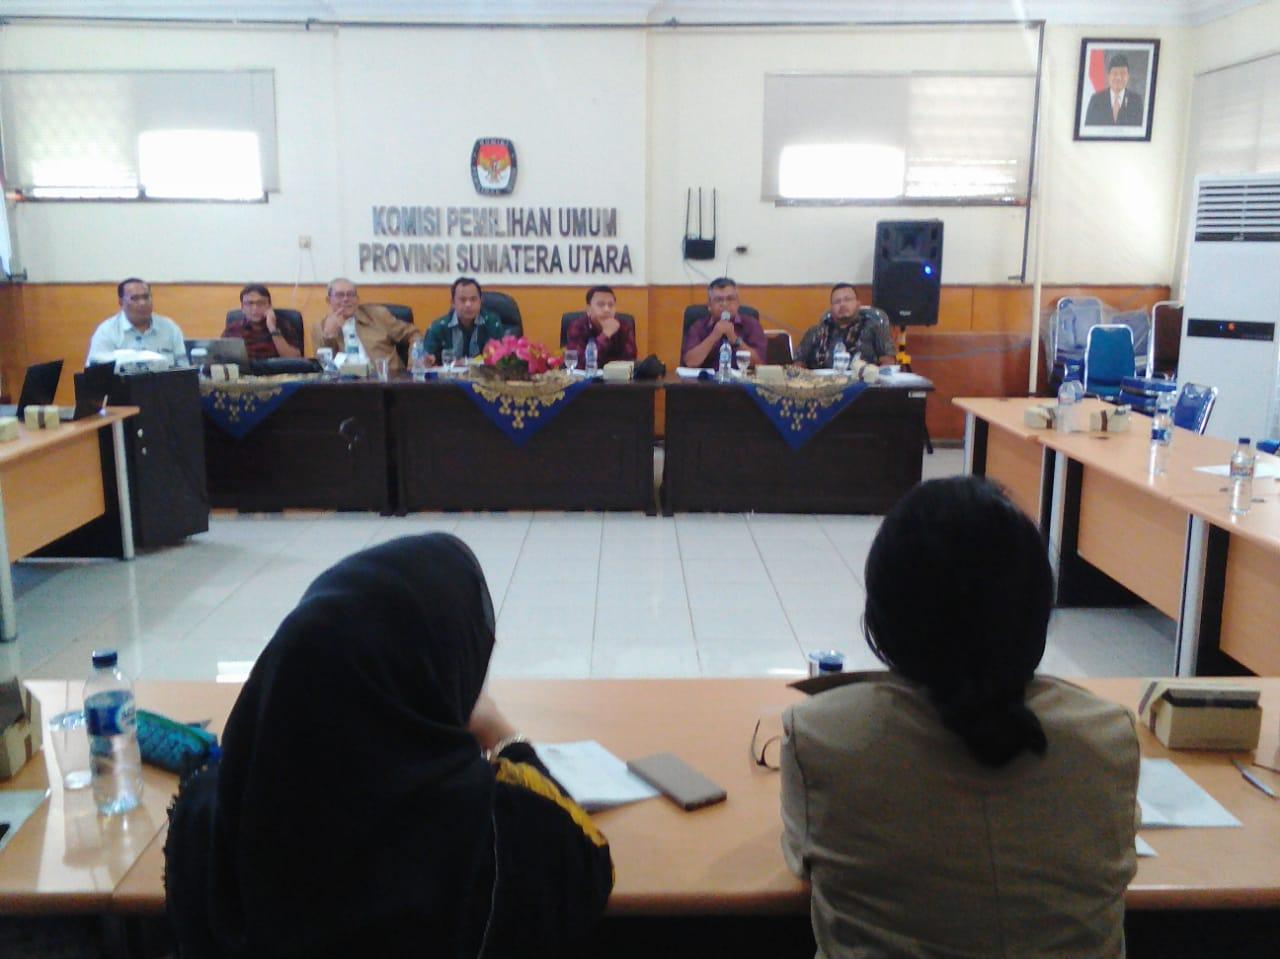 Menyoal Kerawanan Mendeteksi KTP-el Asli atau Palsu di Pemilu 2019